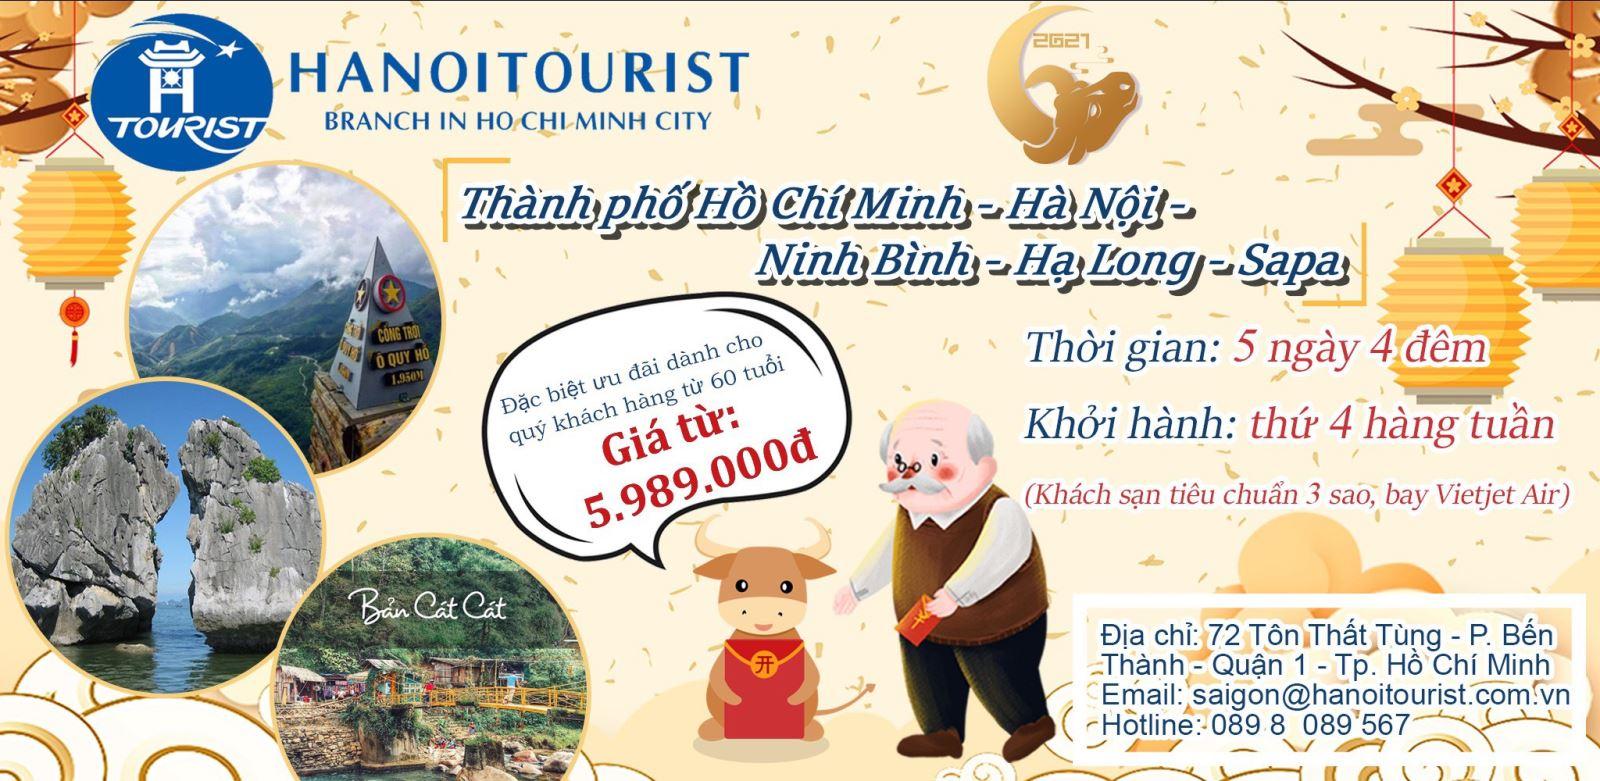 Tour Du Xuân:  Tp HCM - Hà Nội - Lào Cai- Sapa - Ninh Bình - Hạ Long ( 5N)